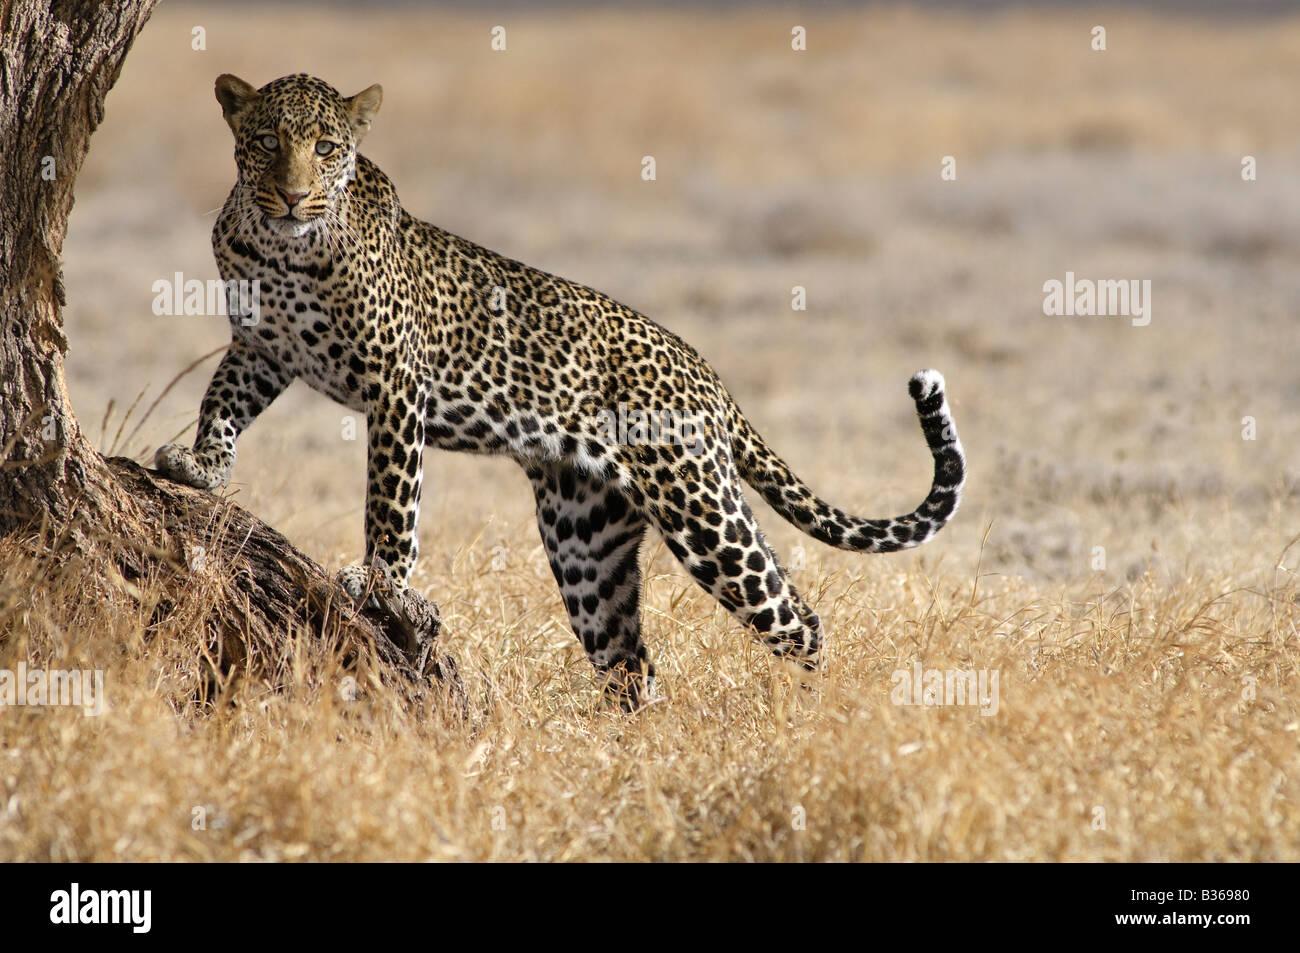 Léopard africain, homme d'essayer de grimper dans un arbre (Panthera pardus), Ngorongoro, en Tanzanie, Photo Stock